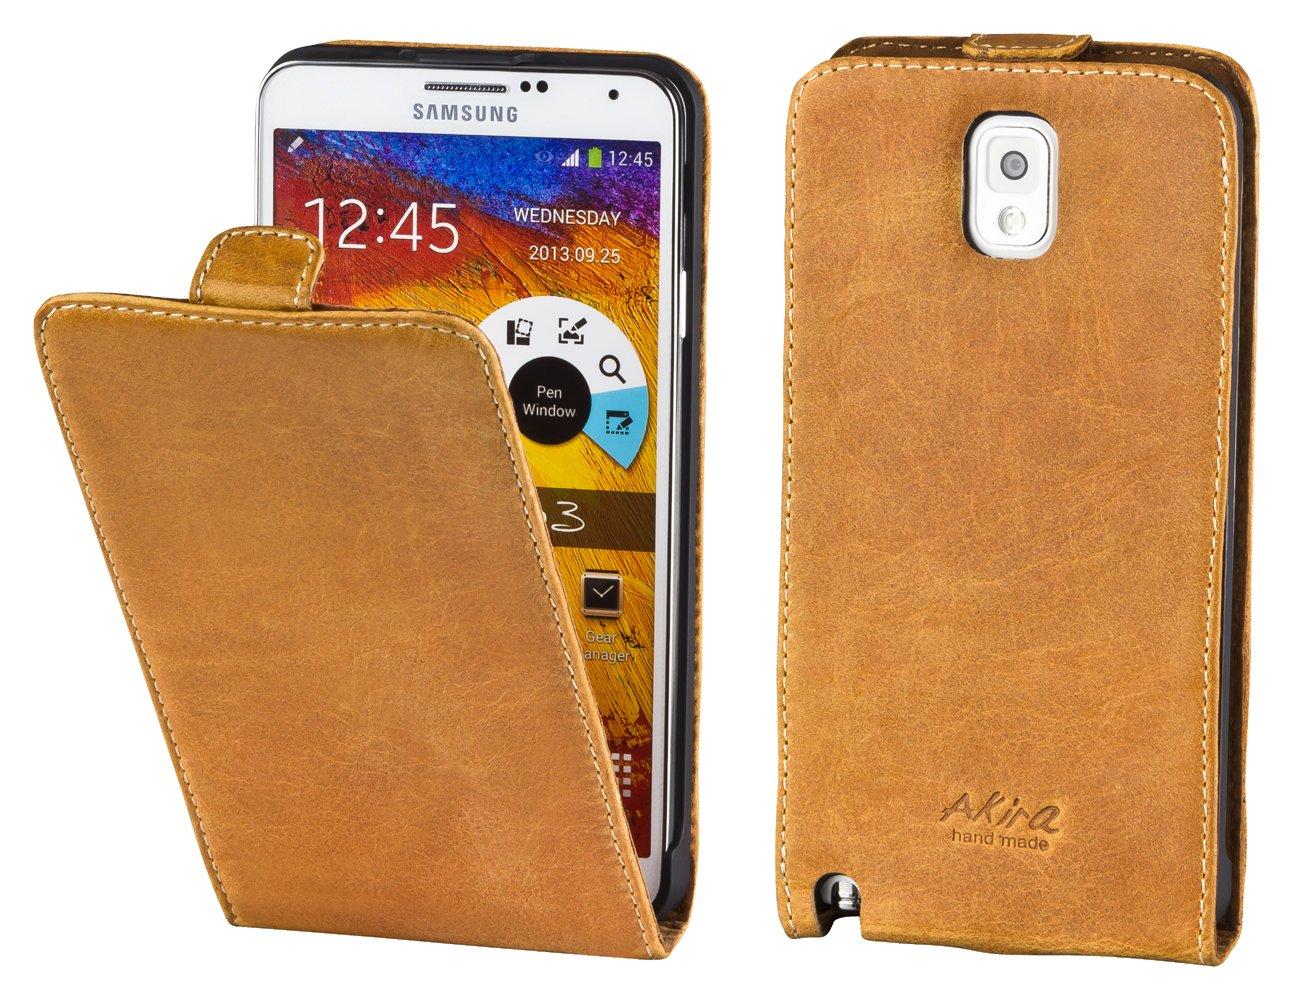 Perfect Case ® Stil Better CALIDAD SUPERIOR original cuero Flip Case para Samsung Galaxy Note 3 - Marrón - Electrónica Comentarios de clientes y más información